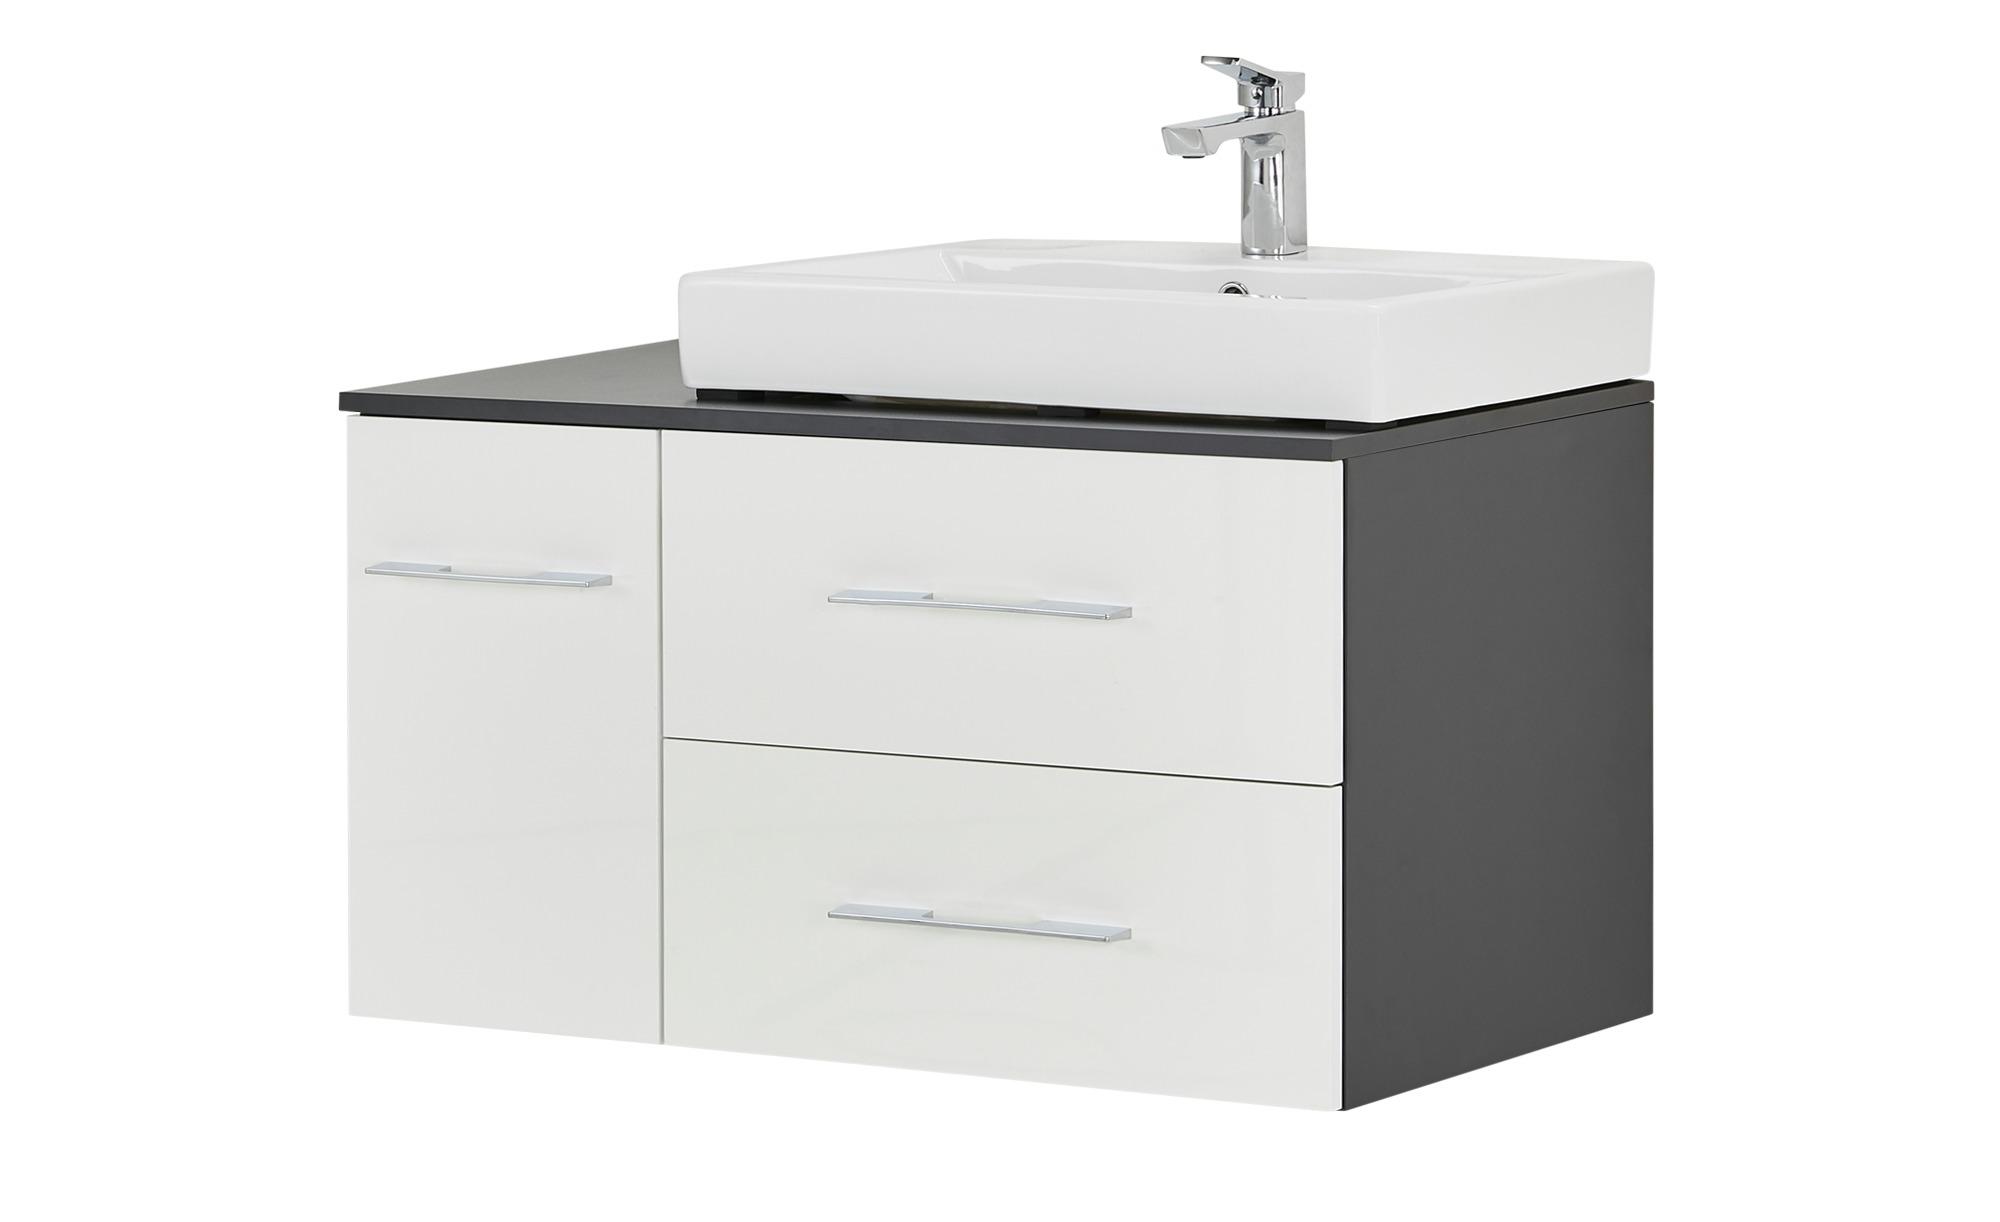 Waschtischkombination Eibsee ¦ weiß ¦ Maße (cm): B: 90 H: 60 T: 49,5  Schränke > Badschränke > Waschbecken-unterschränke - Höffner